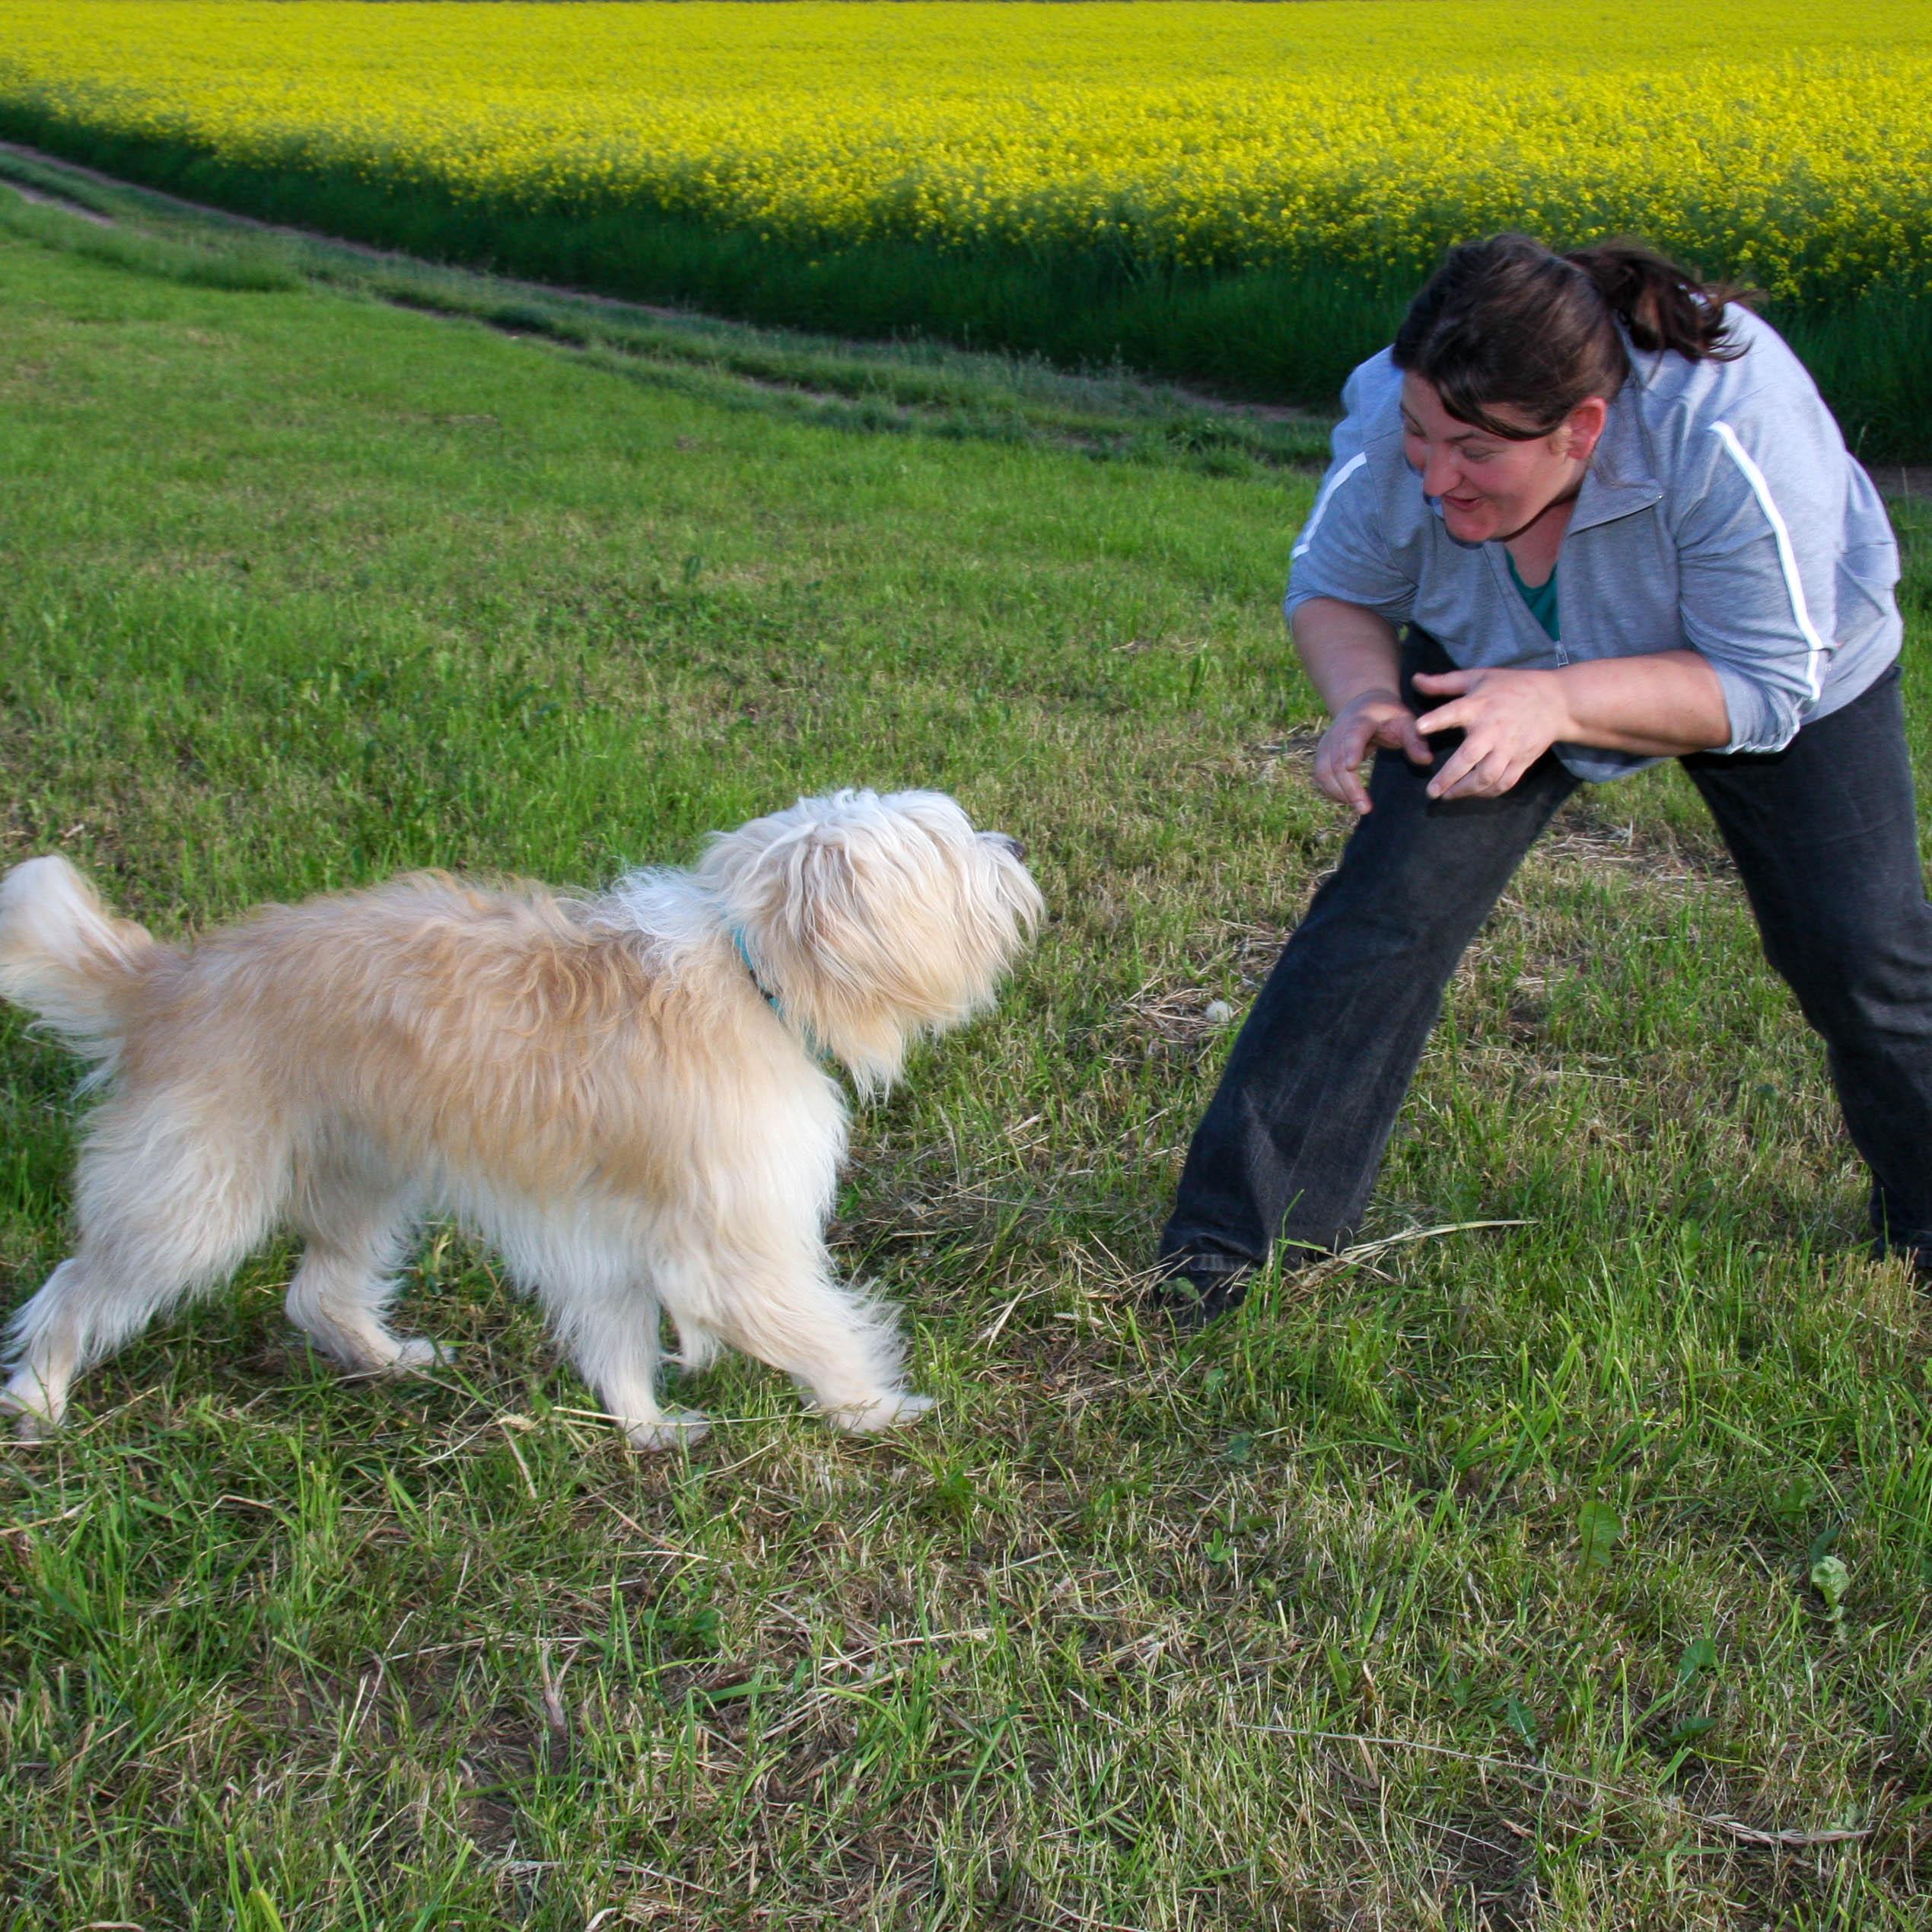 Eine Frau fordert ihren Hund zum Spiel auf, der rennt auf sie zu